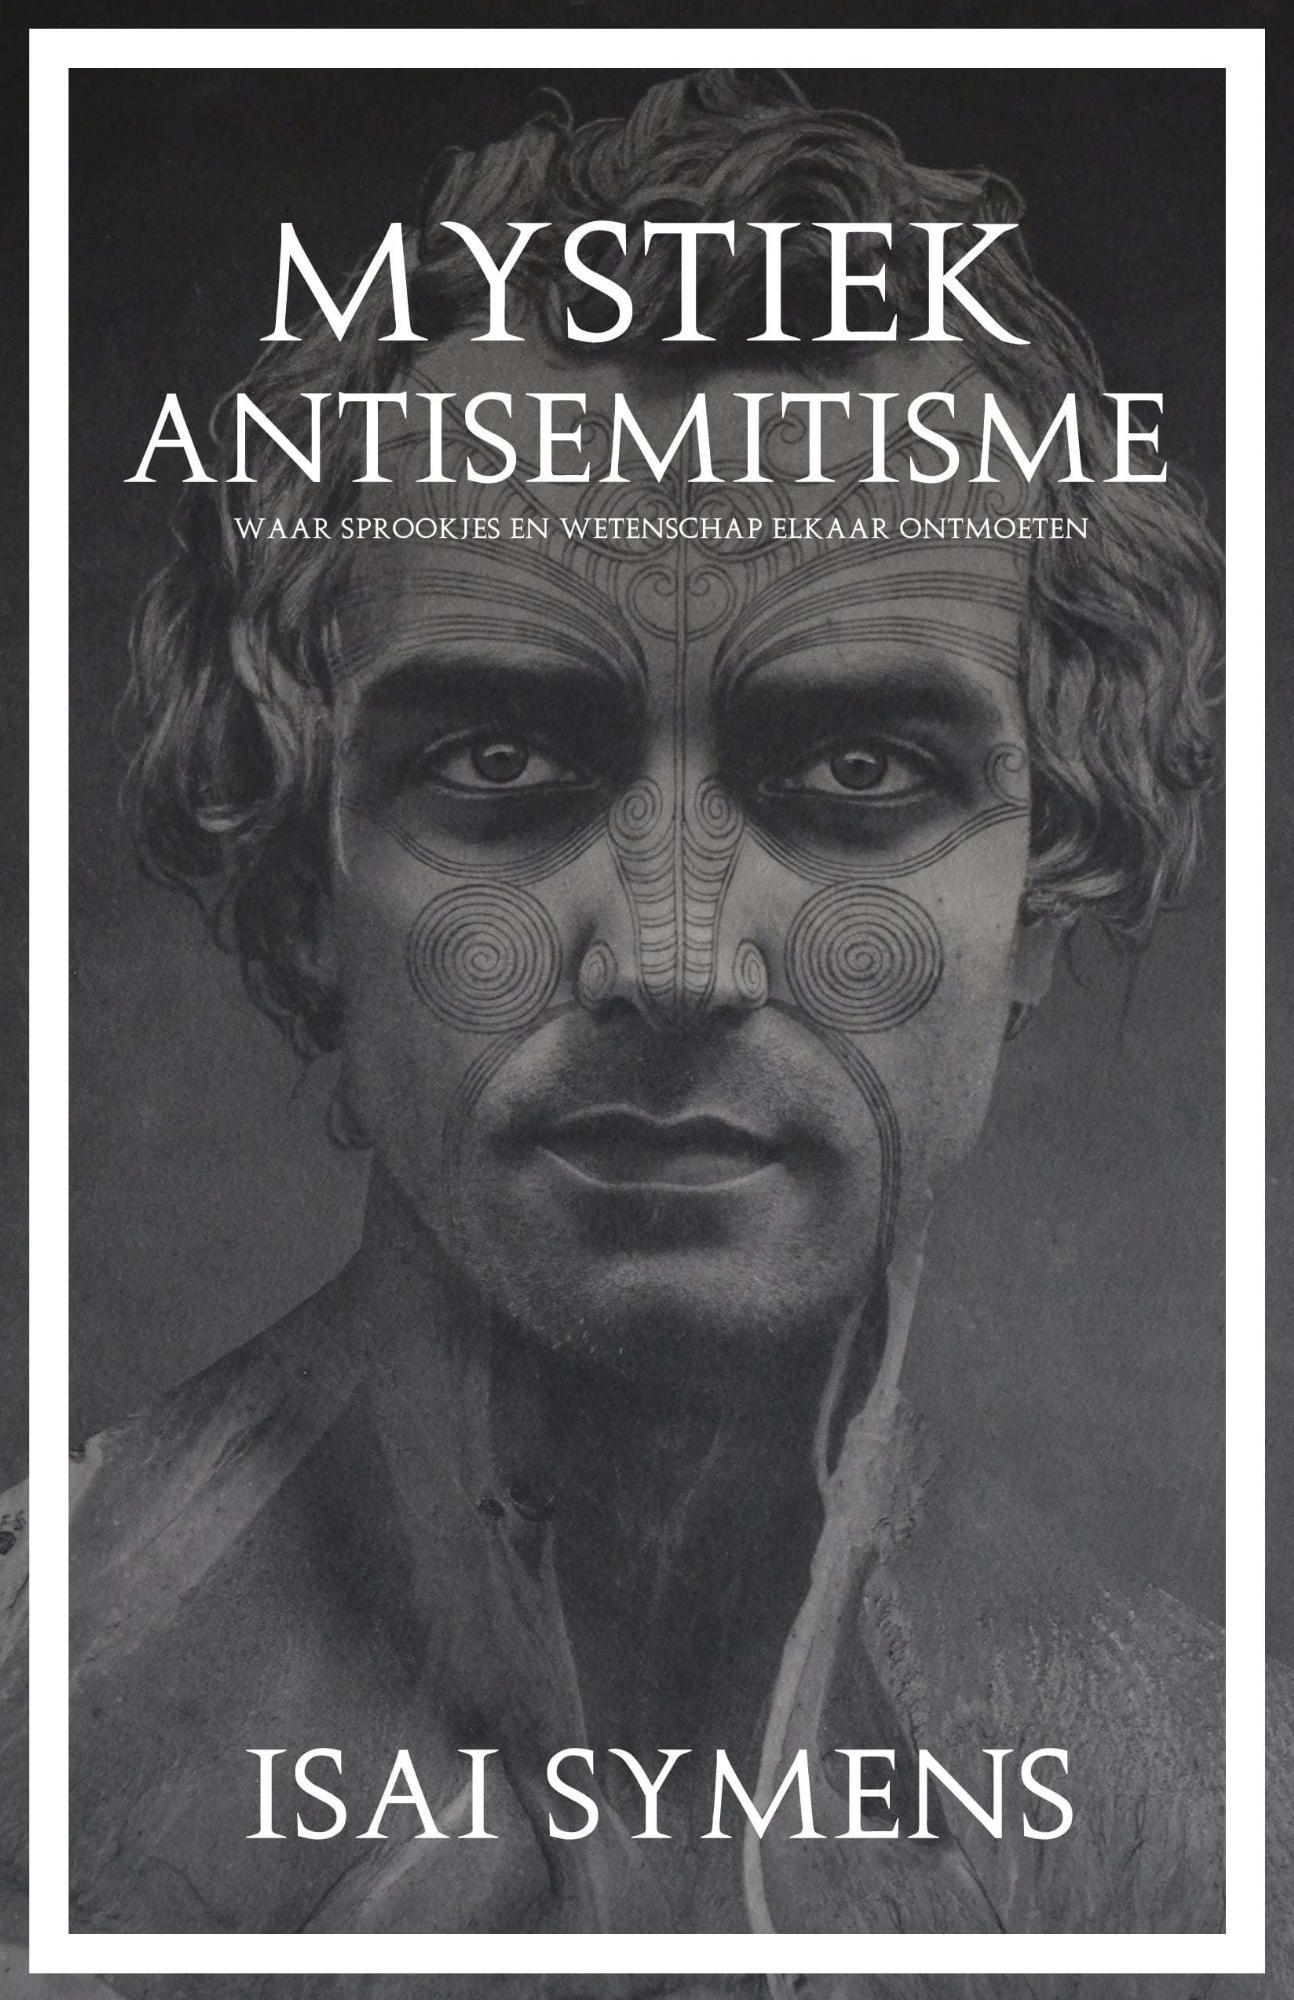 mystiek antisemitisme: waar sprookjes en wetenschap elkaar ontmoeten  by  Isaï Symens